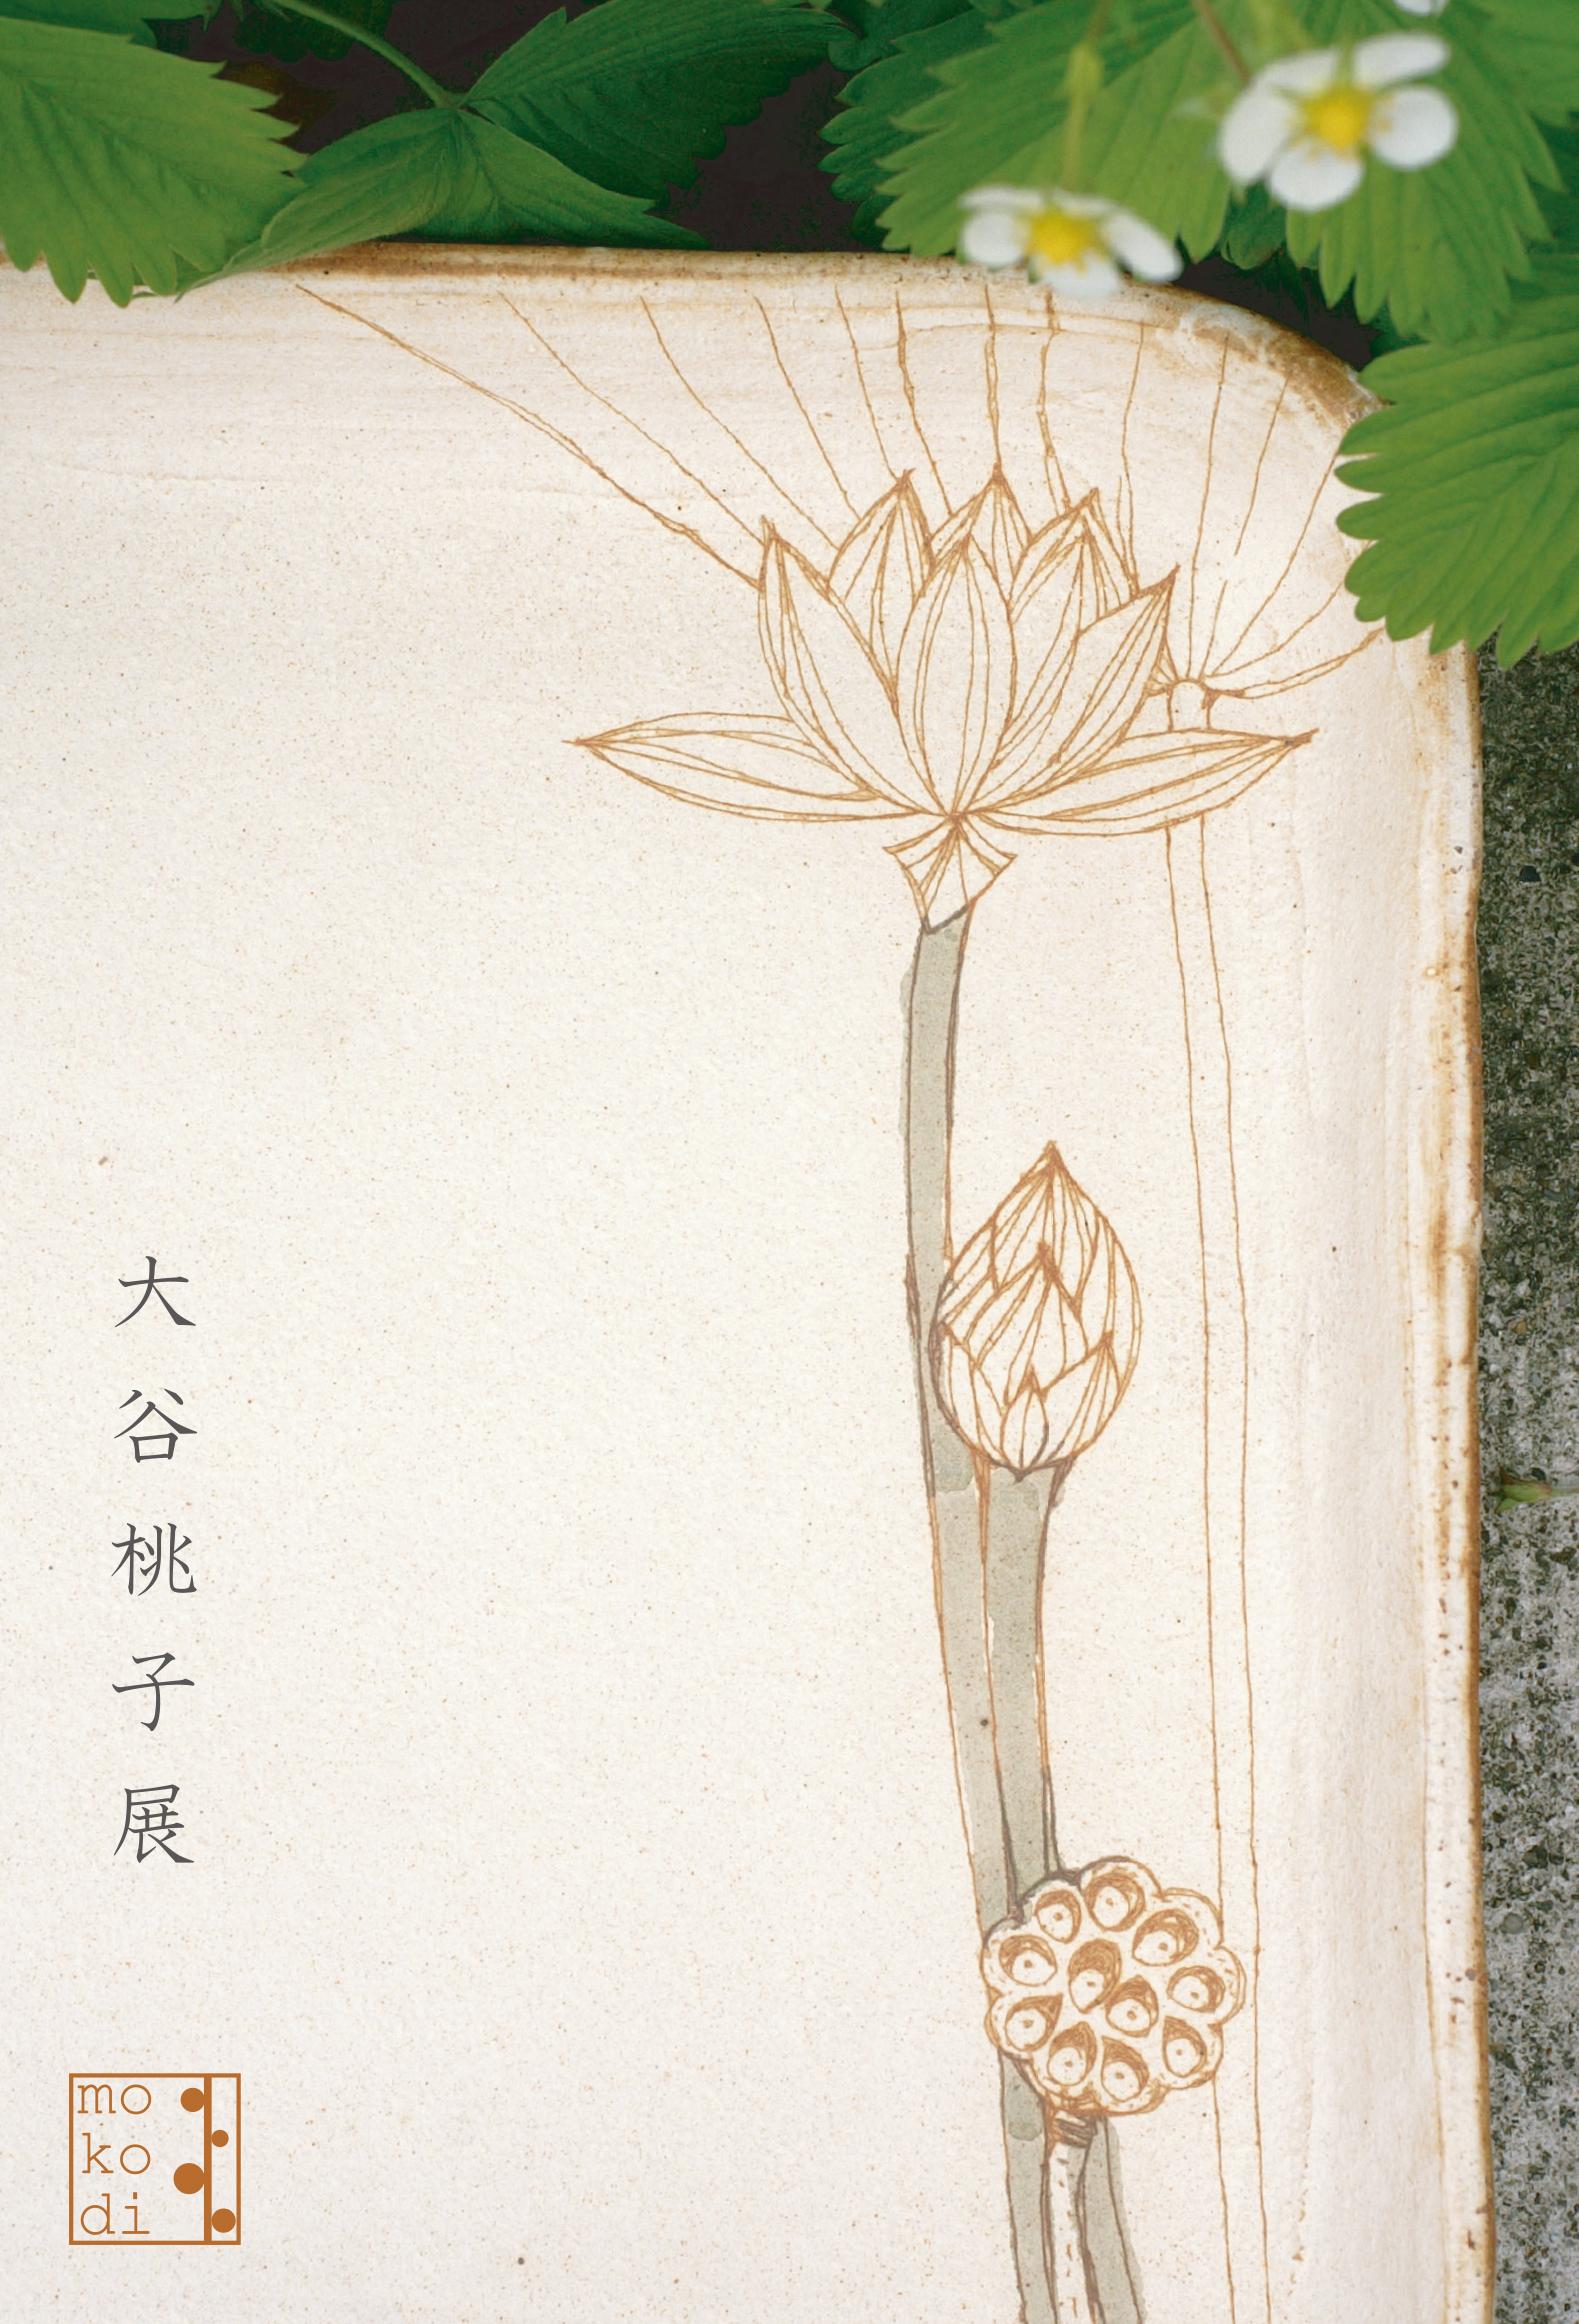 大谷 桃子 展 2009.6.18~